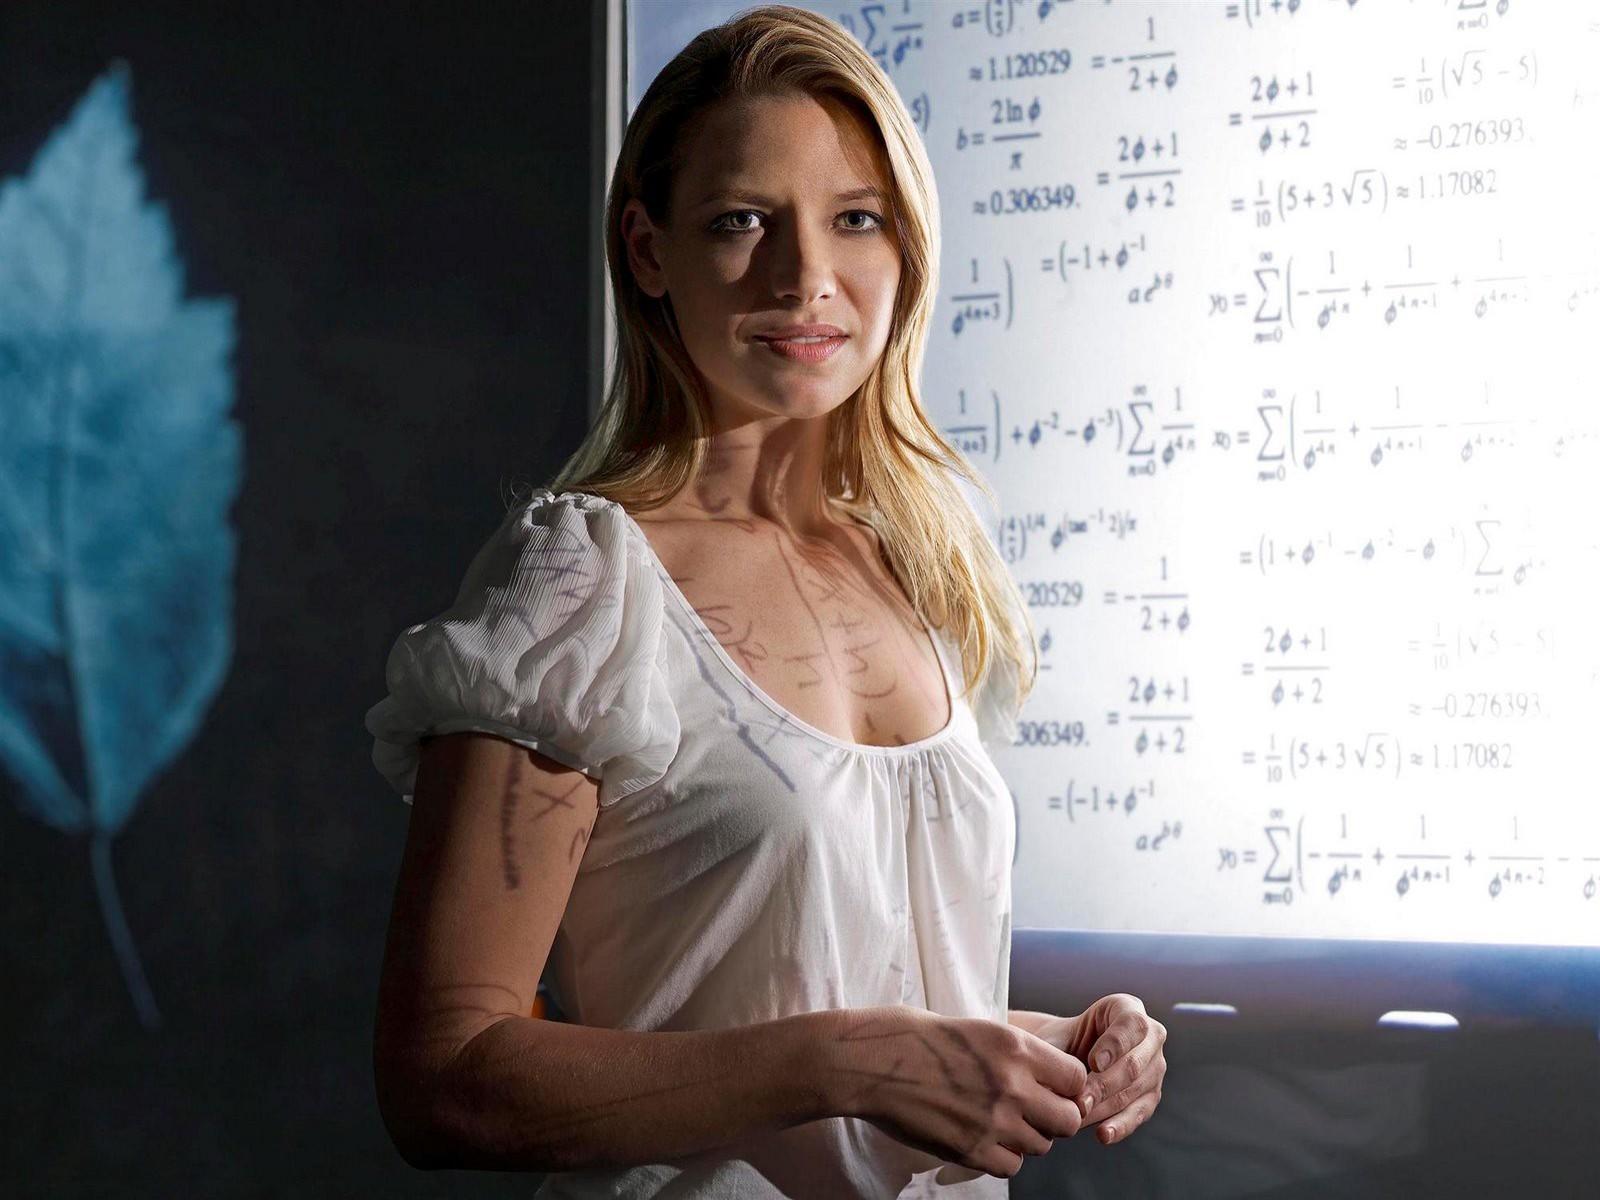 Un wallpaper dell'Agente Olivia Dunham interpretata da Anna Torv per la serie Fringe